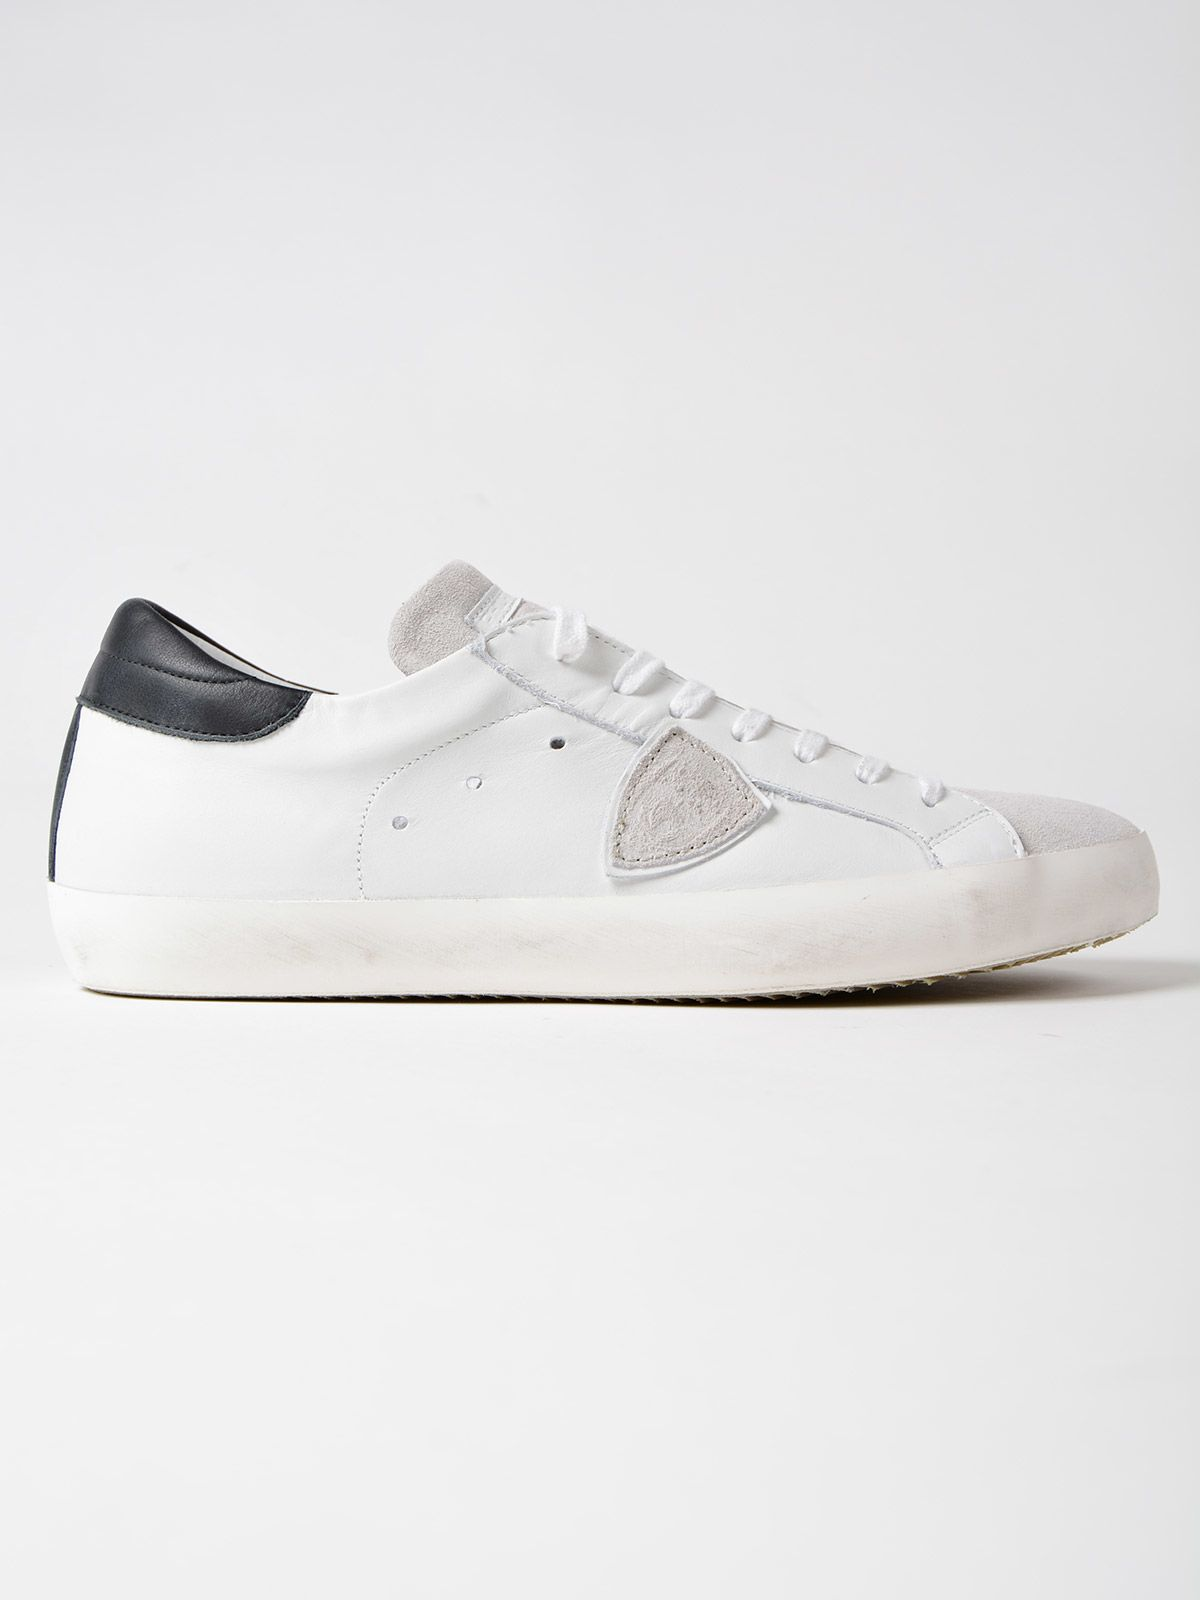 Philippe Model Paris Low Top Sneakers